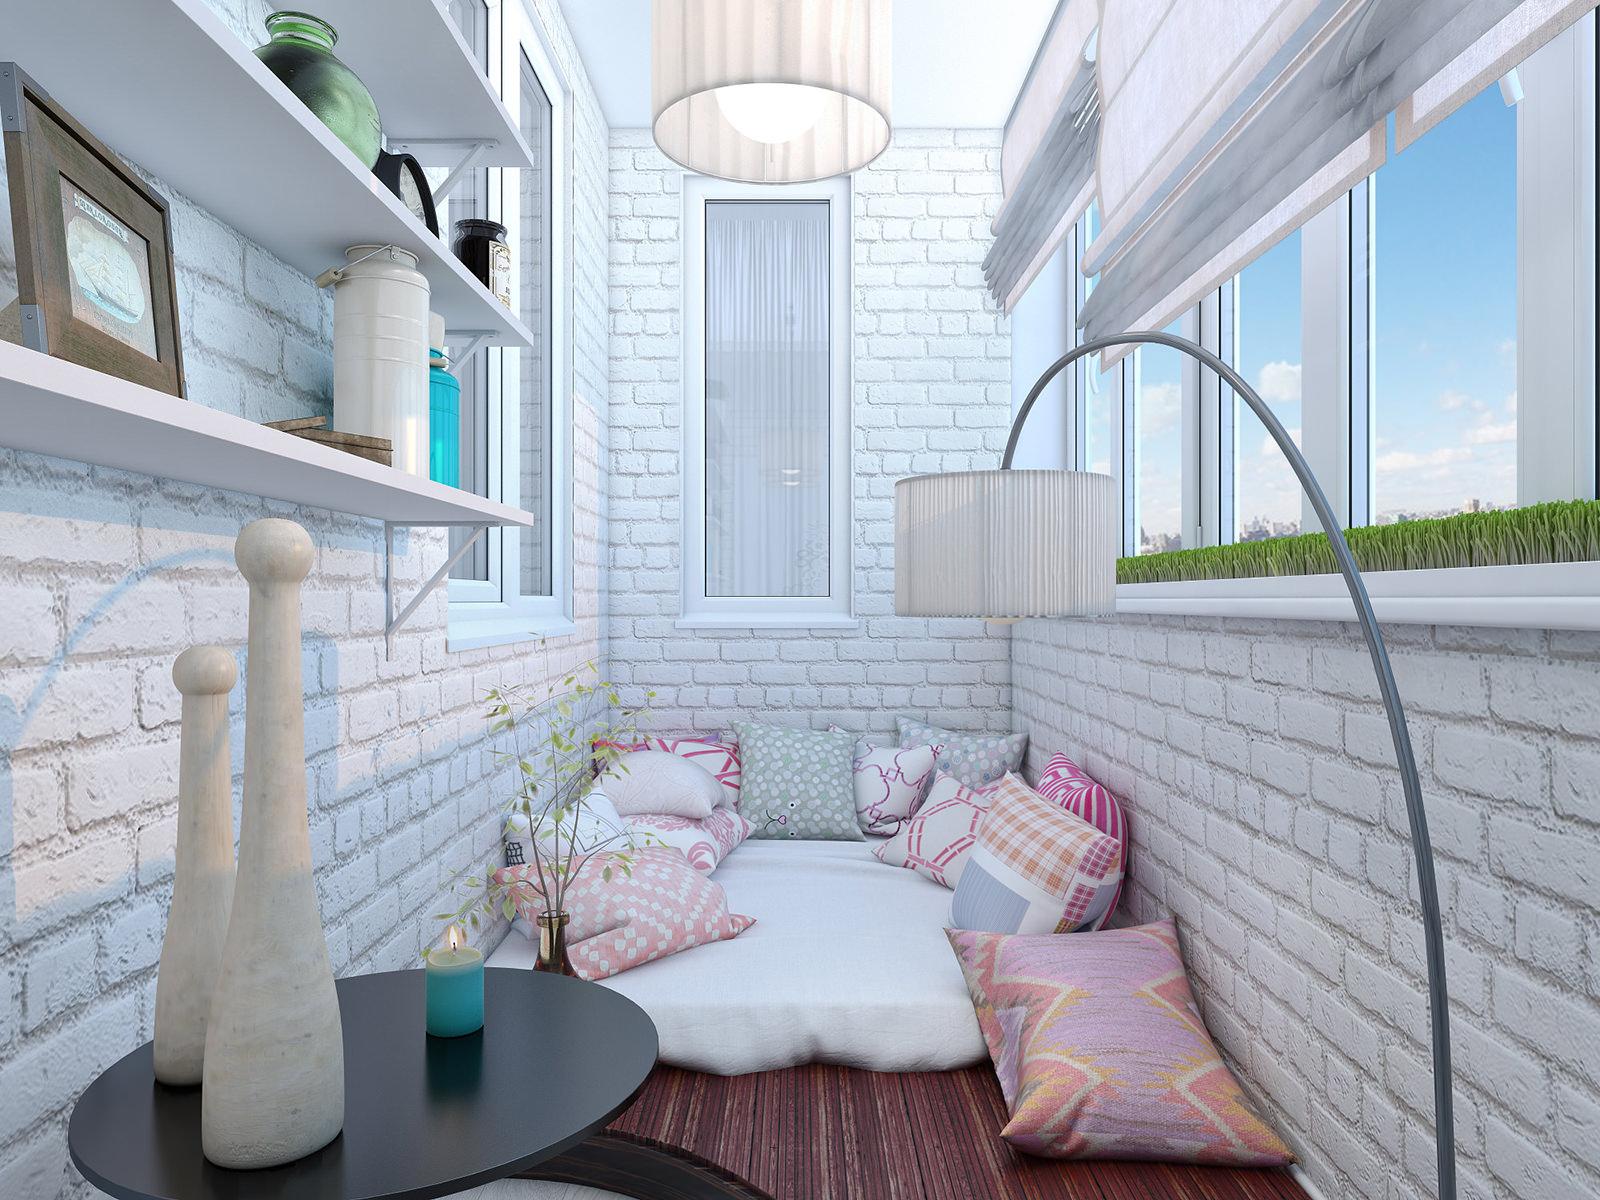 розовый балкон фото протяжении многих лет